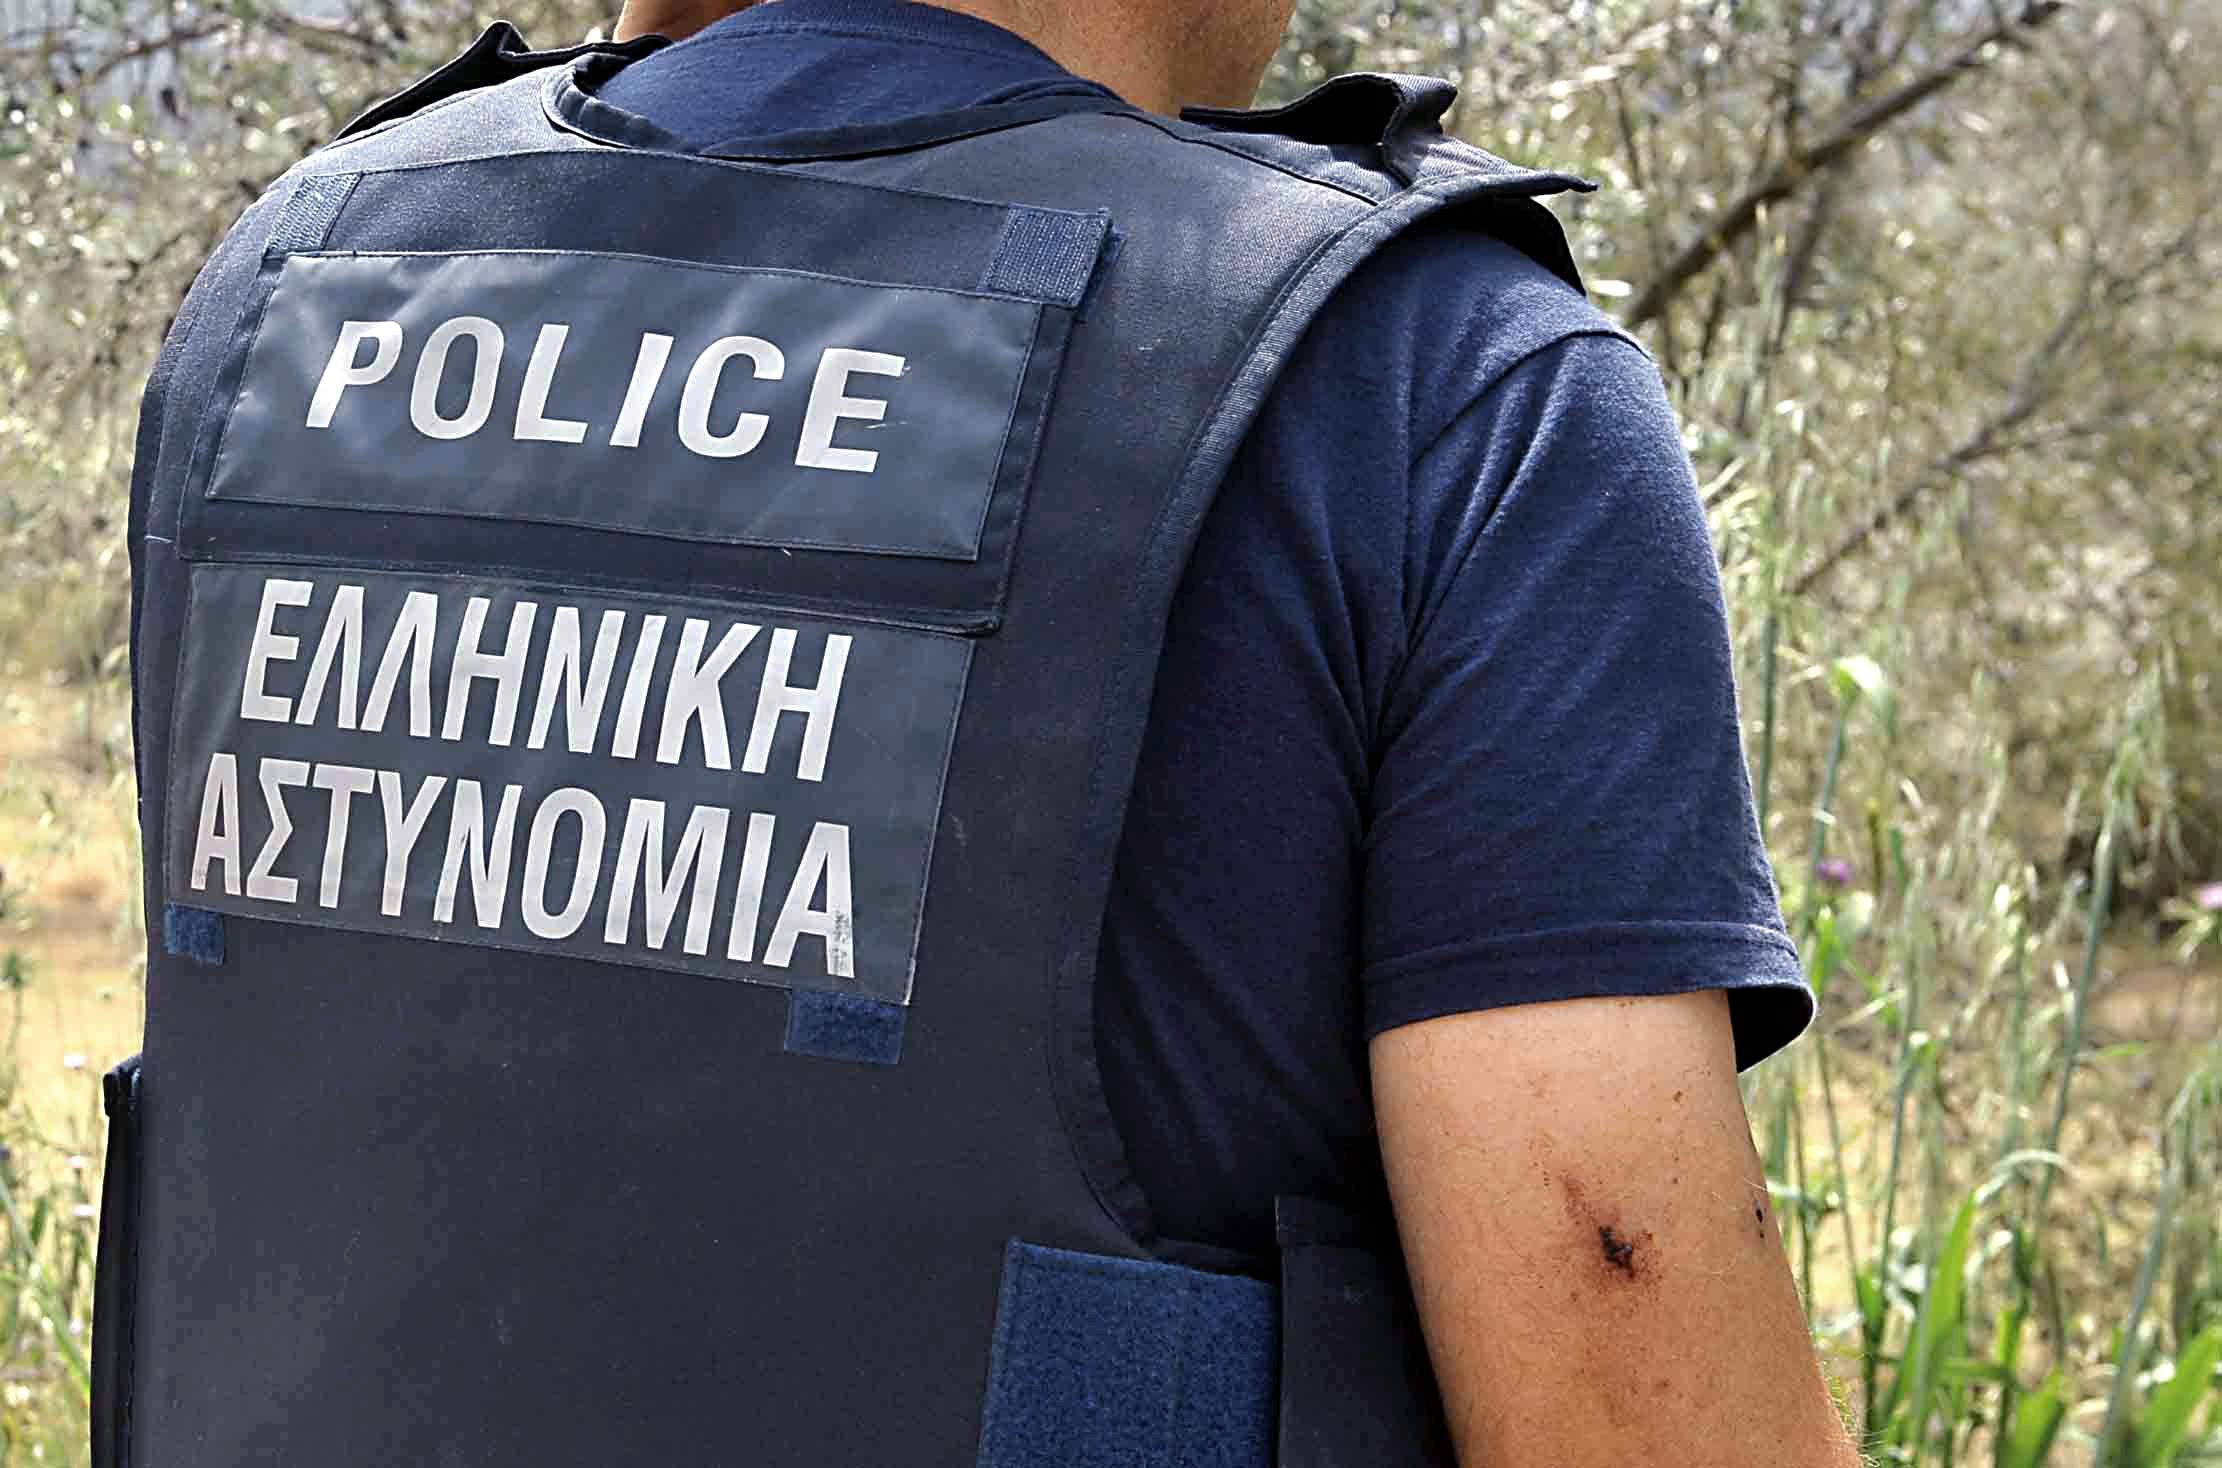 Ο ποδοσφαιριστής, ο Αλβανός, το τηλέφωνο και τα «μυστήρια» στην απαγωγή της φοιτήτριας   tovima.gr